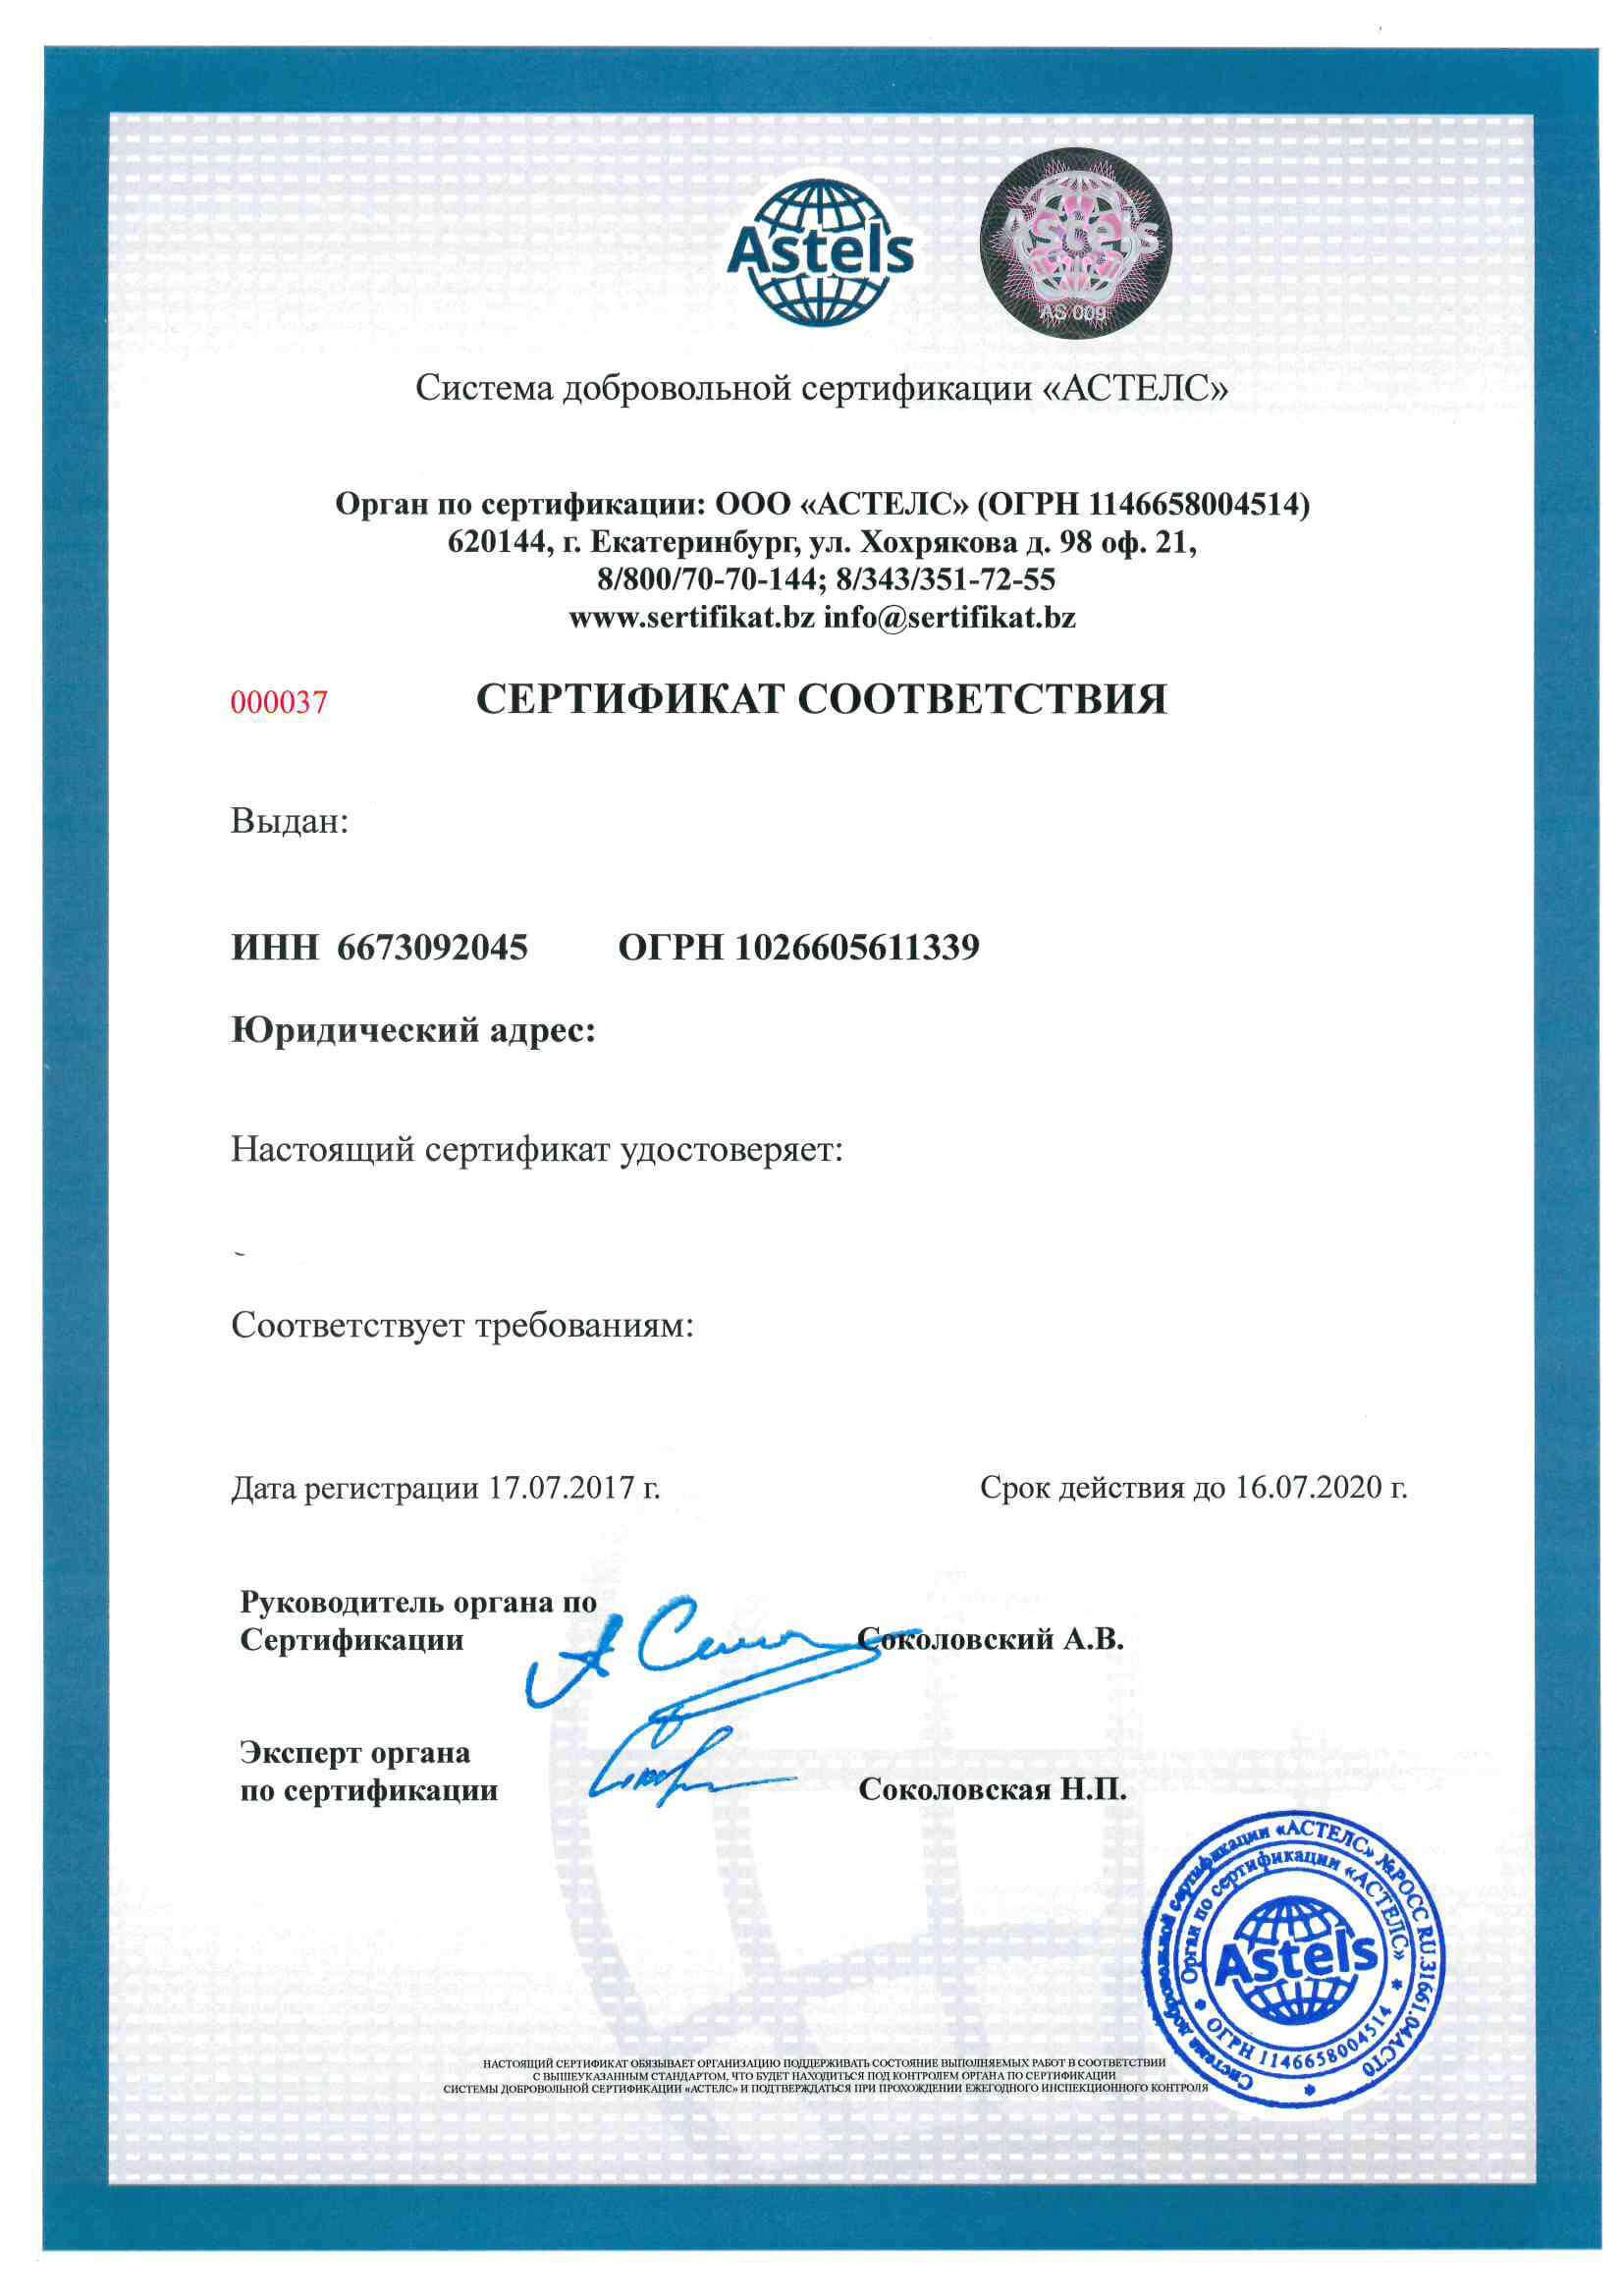 Купить ISO 14001 в Екатеринбурге от компании «Астелс»